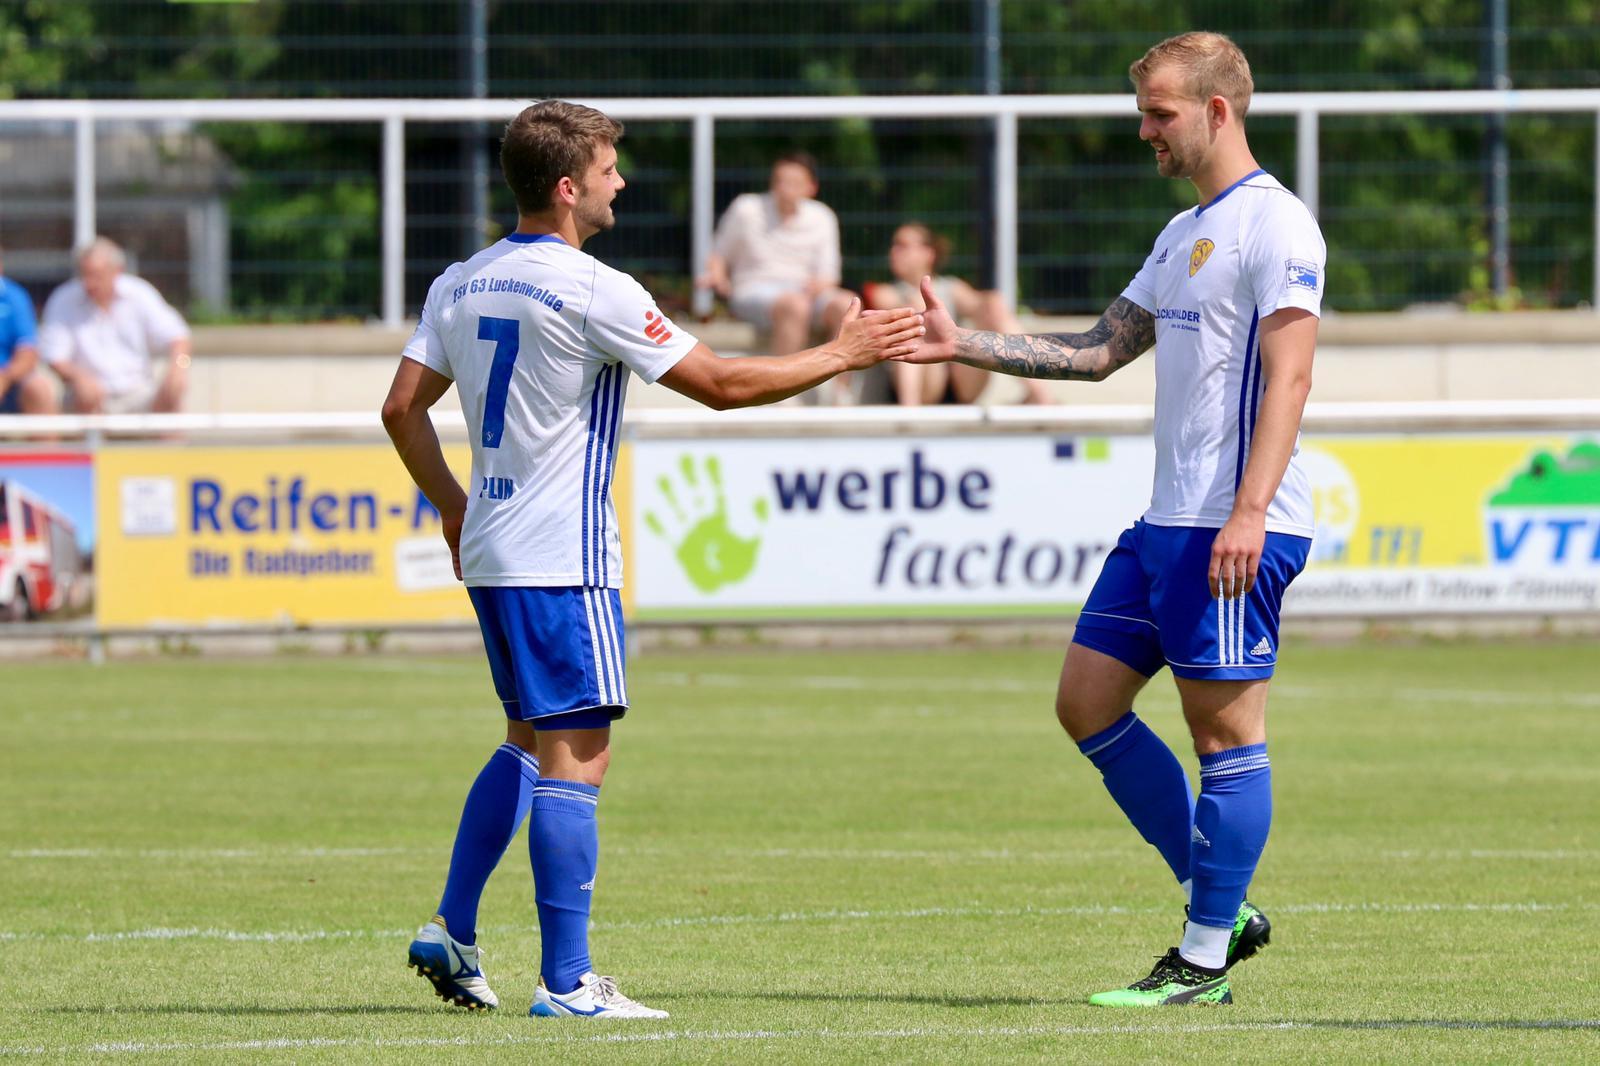 30.-Spieltag-FSV-63-Luckenwalde-VfL-05-Hohenstein-Ernstthal-7